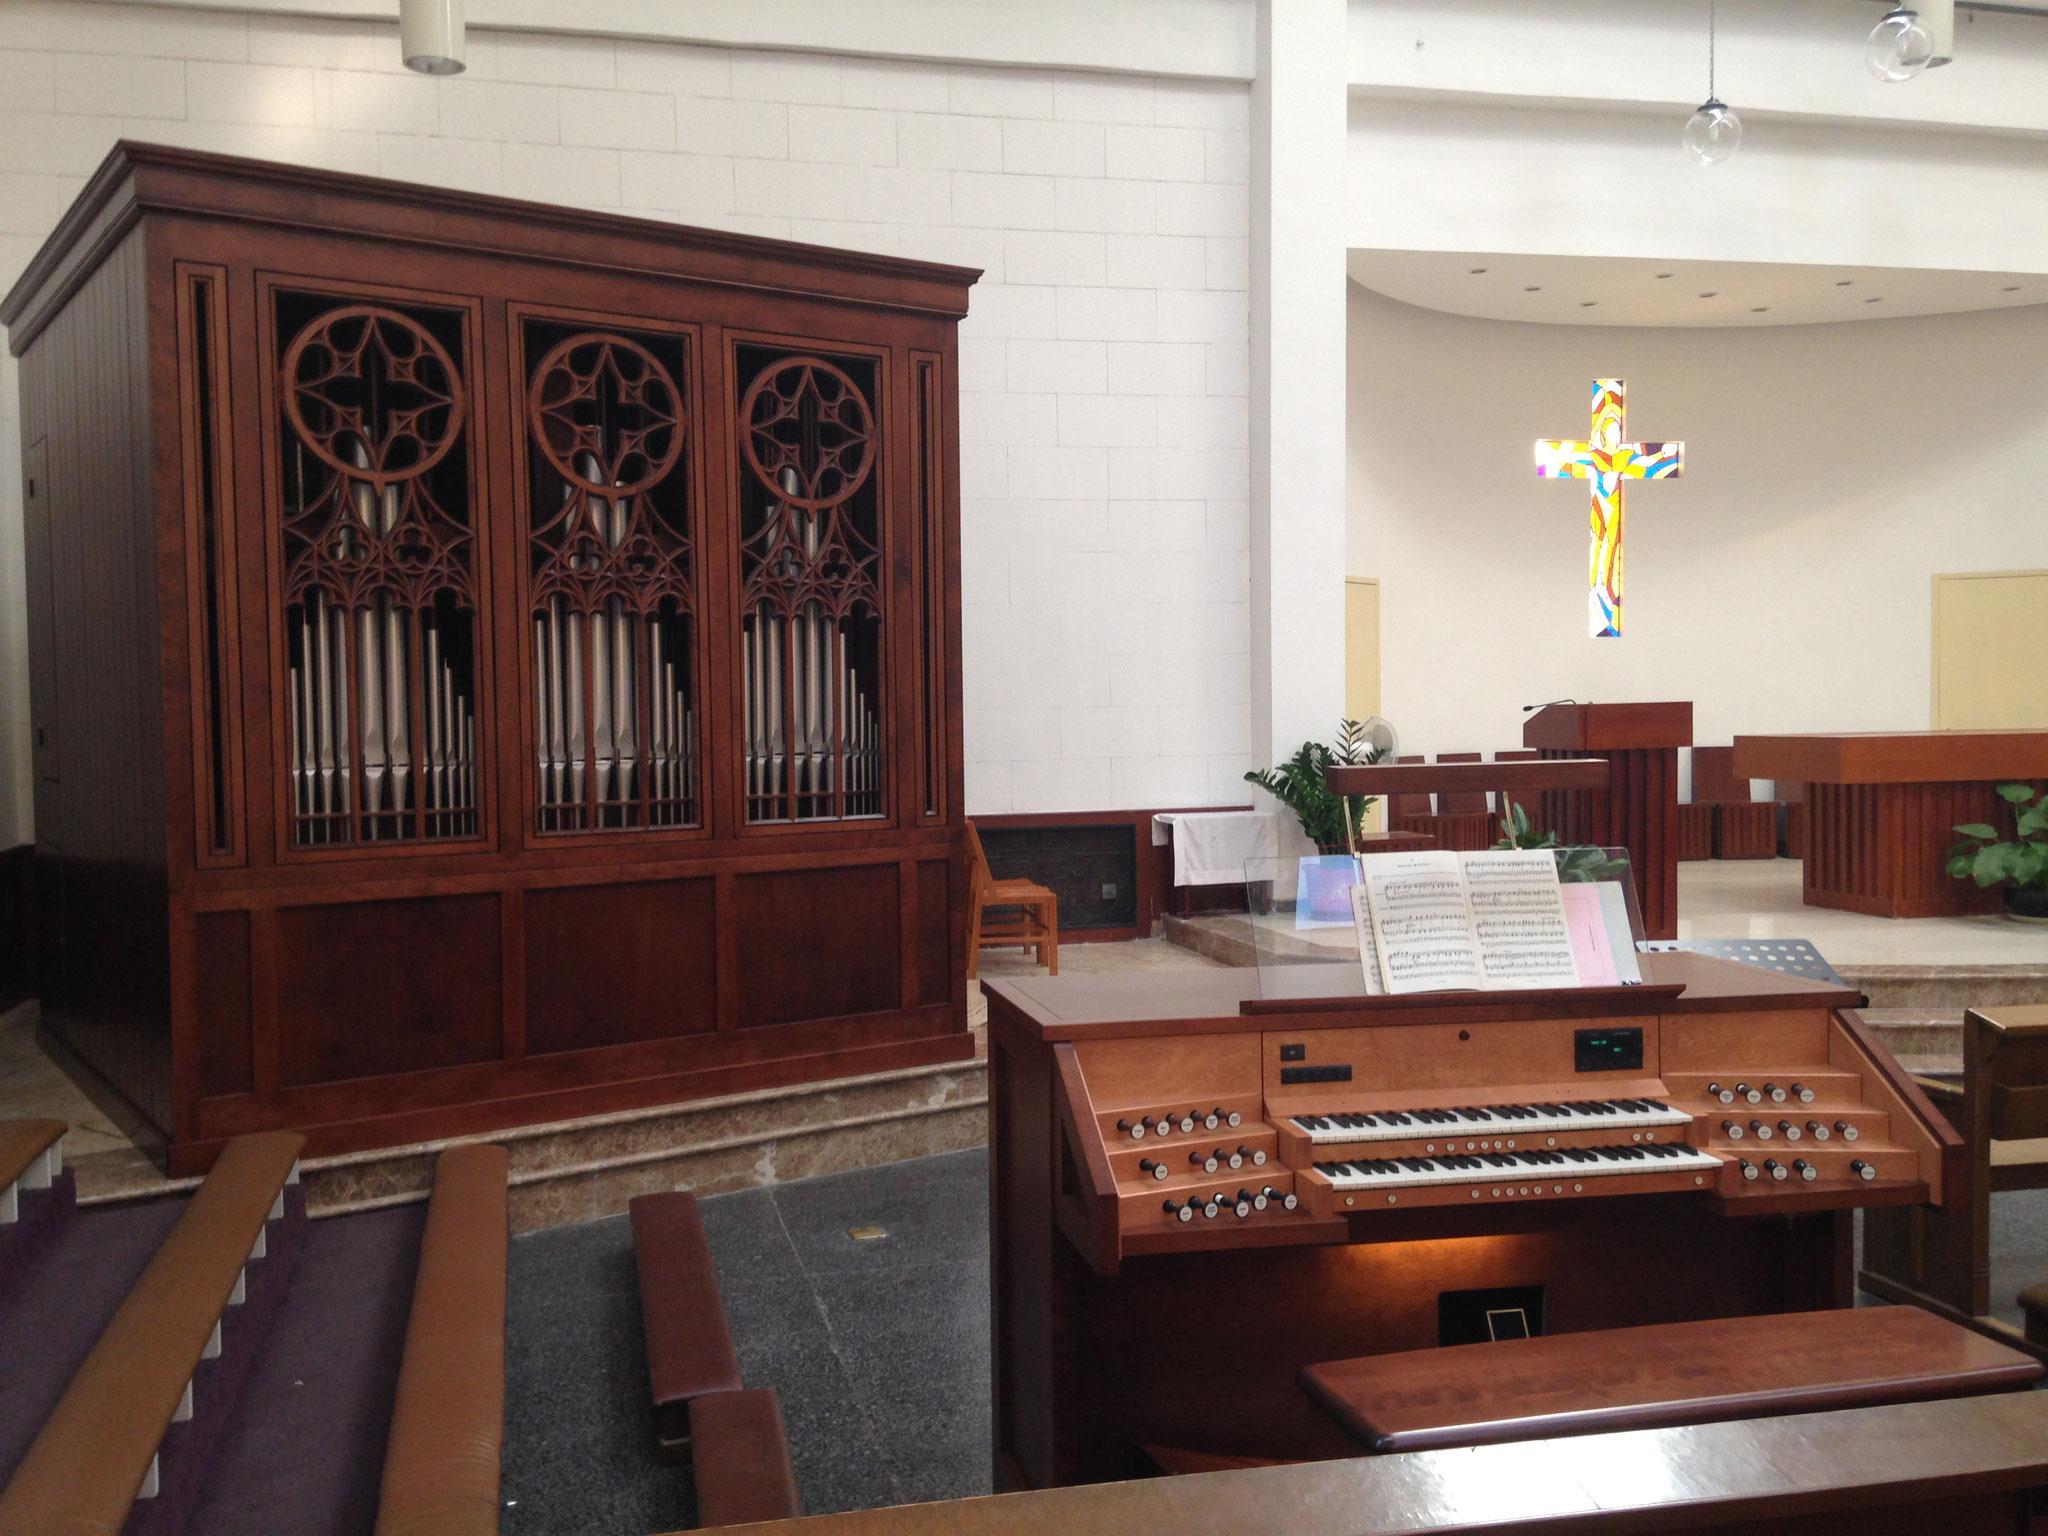 Orgue Inspiration installé au Séminaire Saint-Michael à Beijing